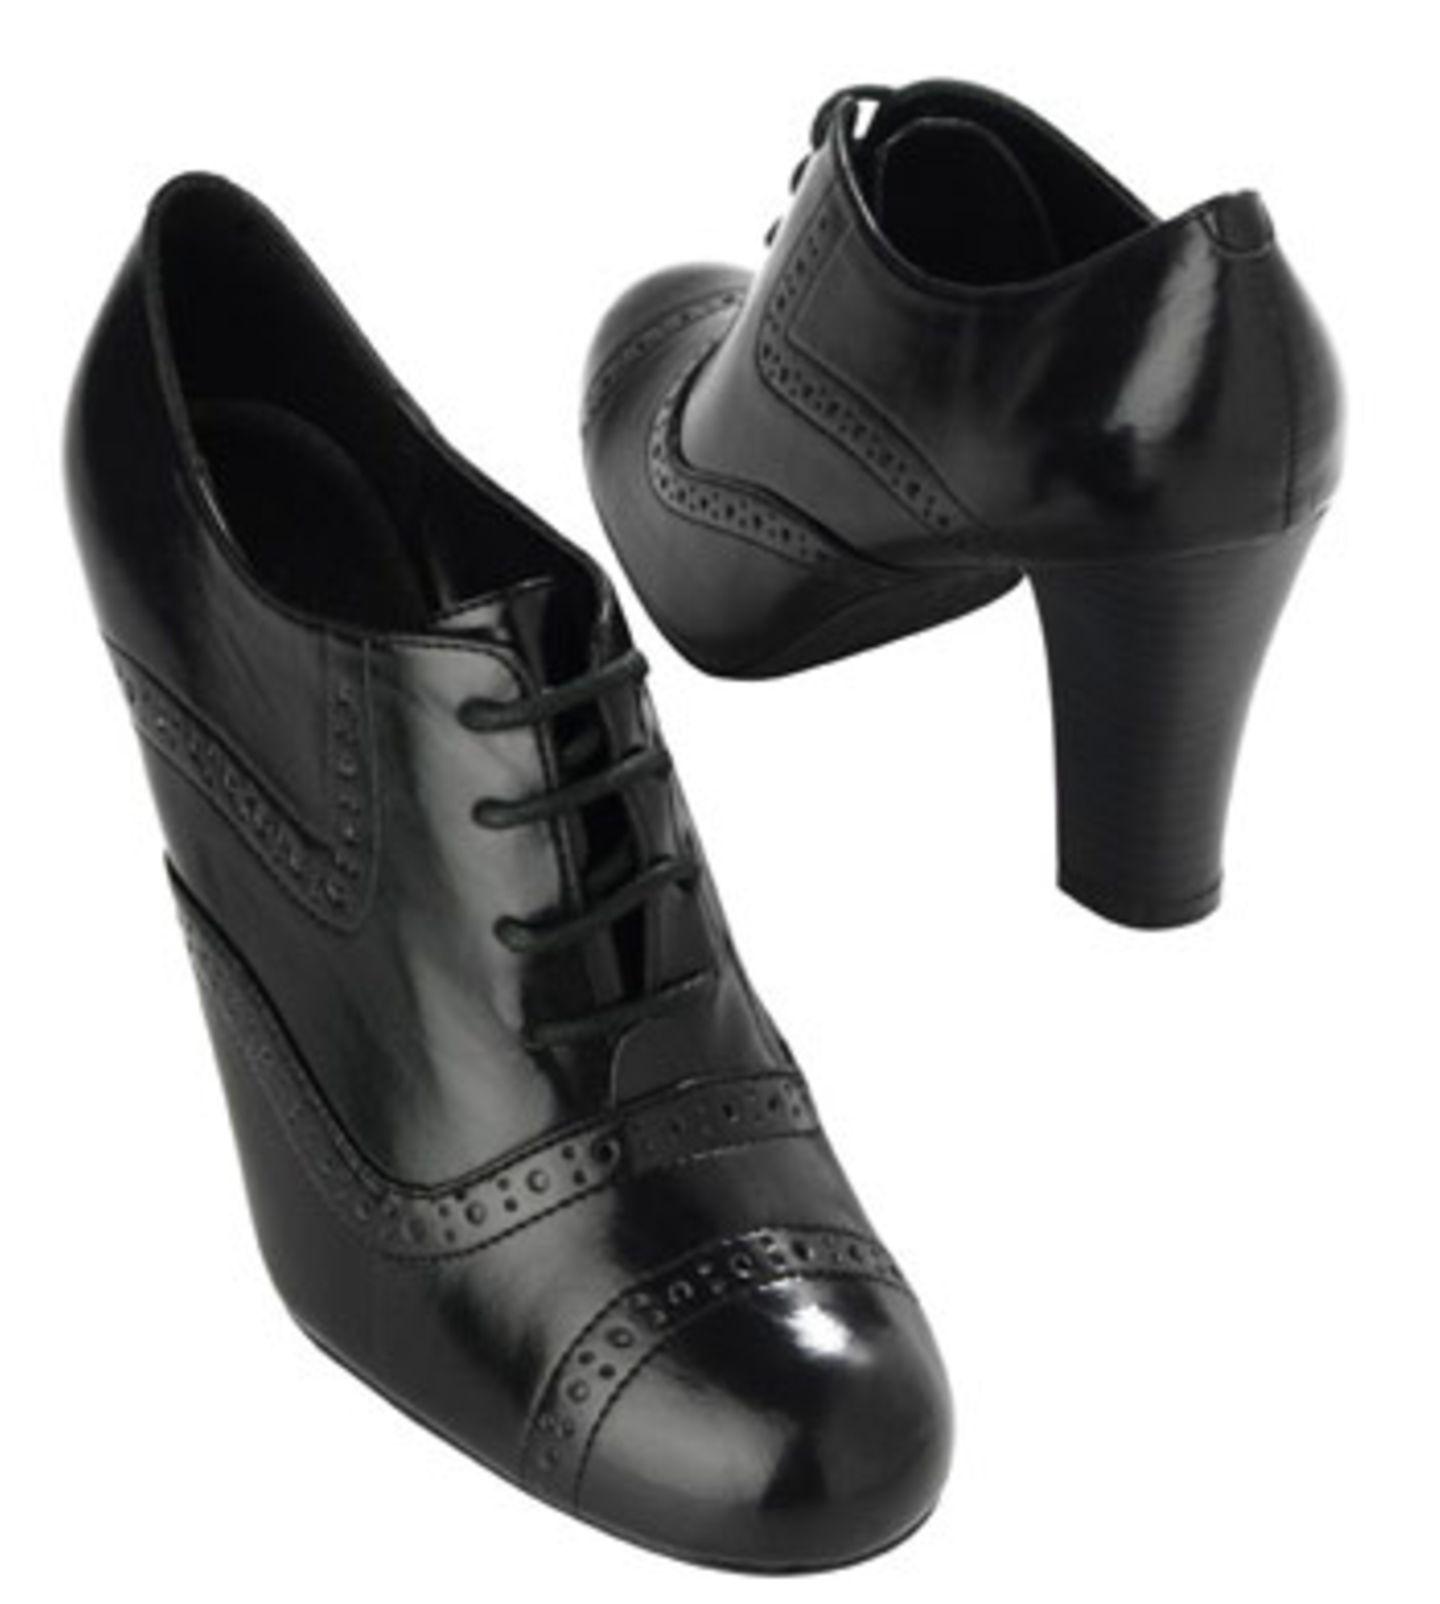 Schwarze Retro-Schnürschuhe; 34,90 Euro; von Promod